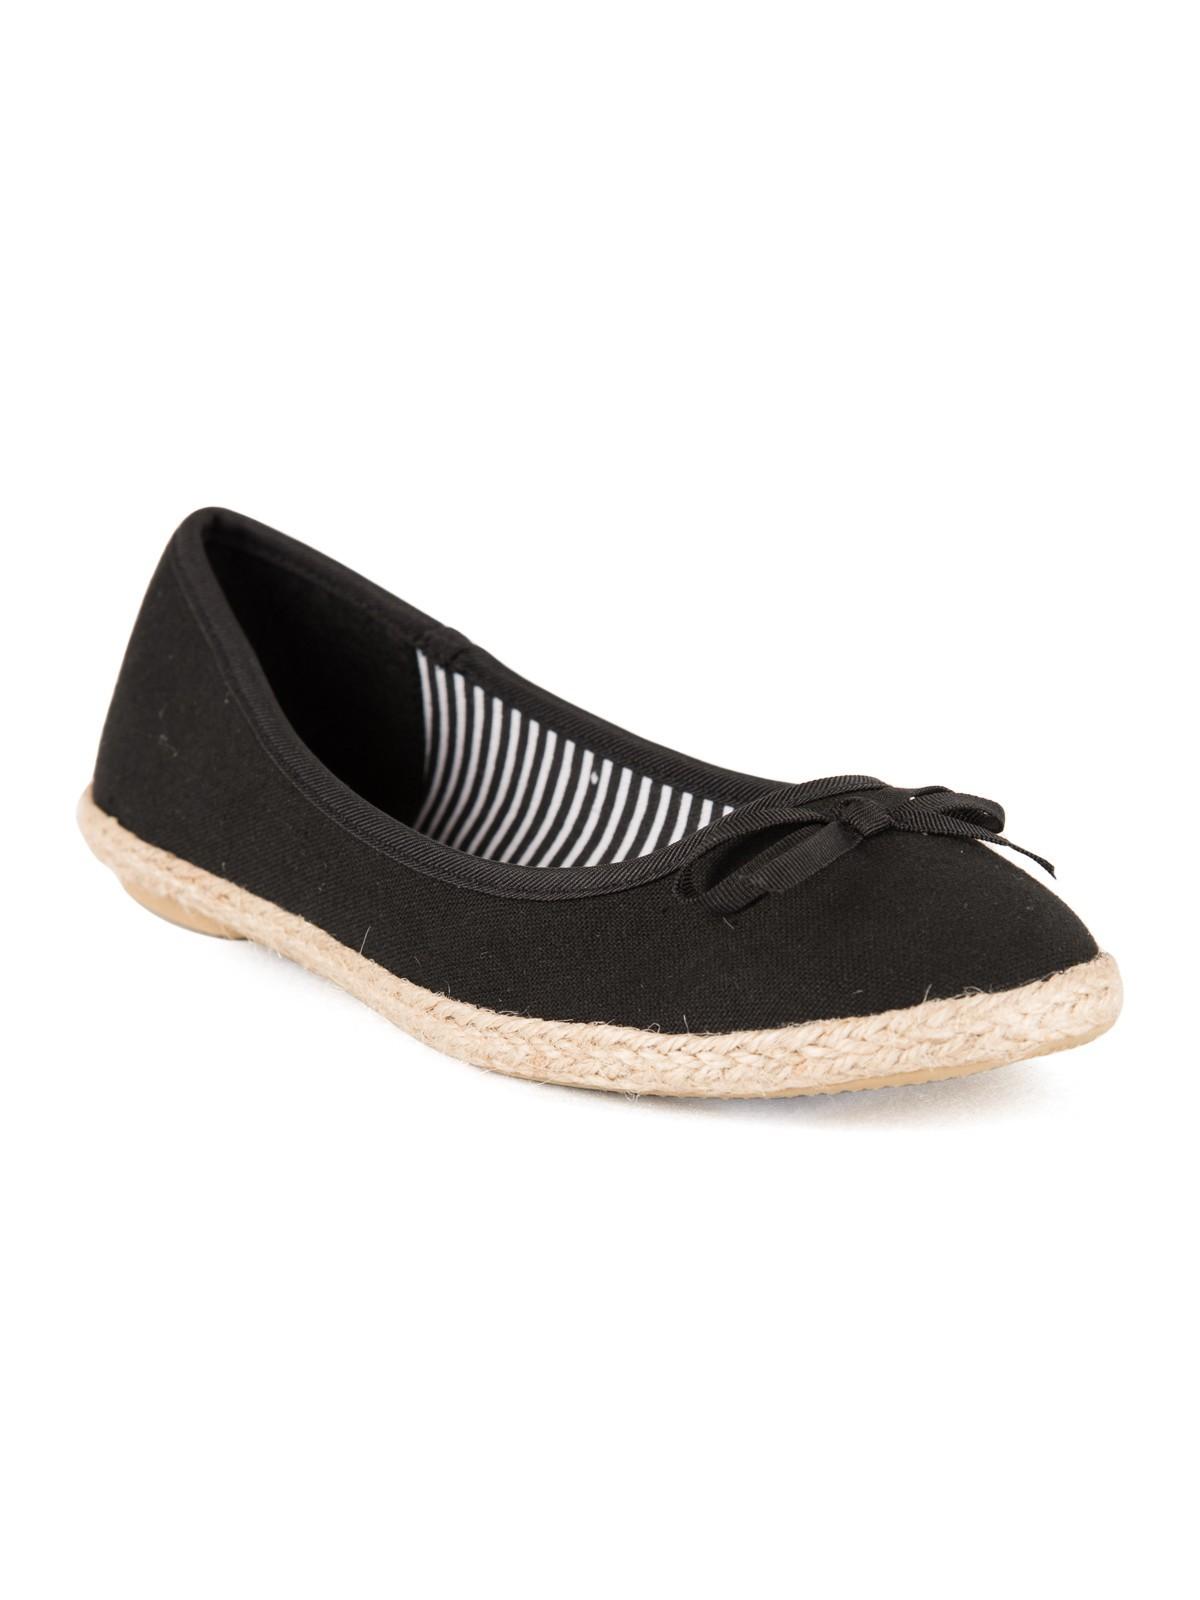 haut de gamme pas cher choisir le plus récent courir chaussures Ballerine espadrille femme noir (37-42) - DistriCenter